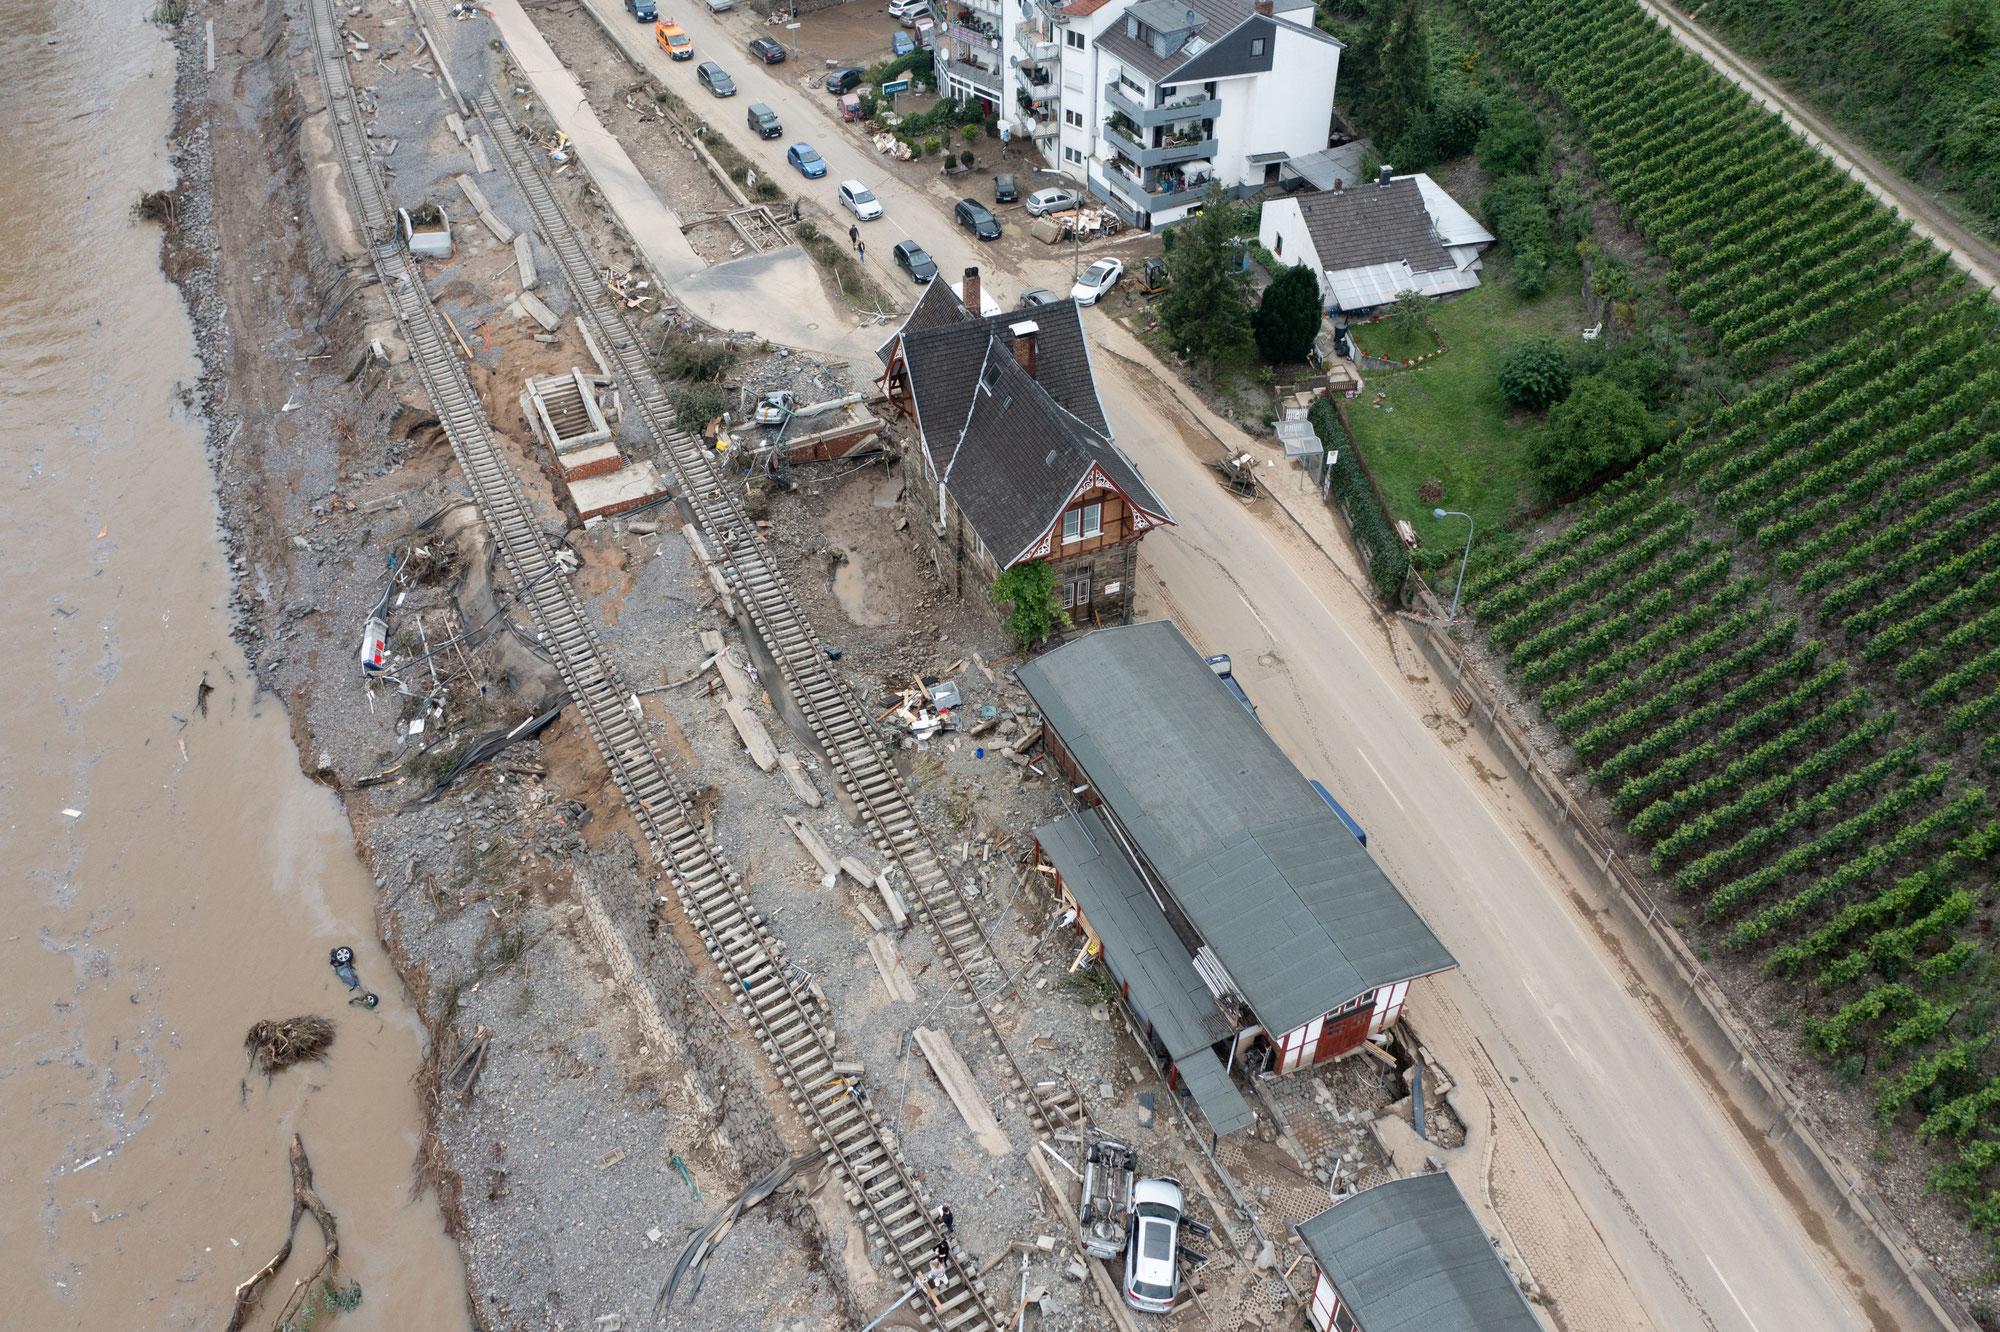 Zerstörungen in historischem Ausmass: DB zieht nach Flutkatastrophe eine erste Zwischenbilanz